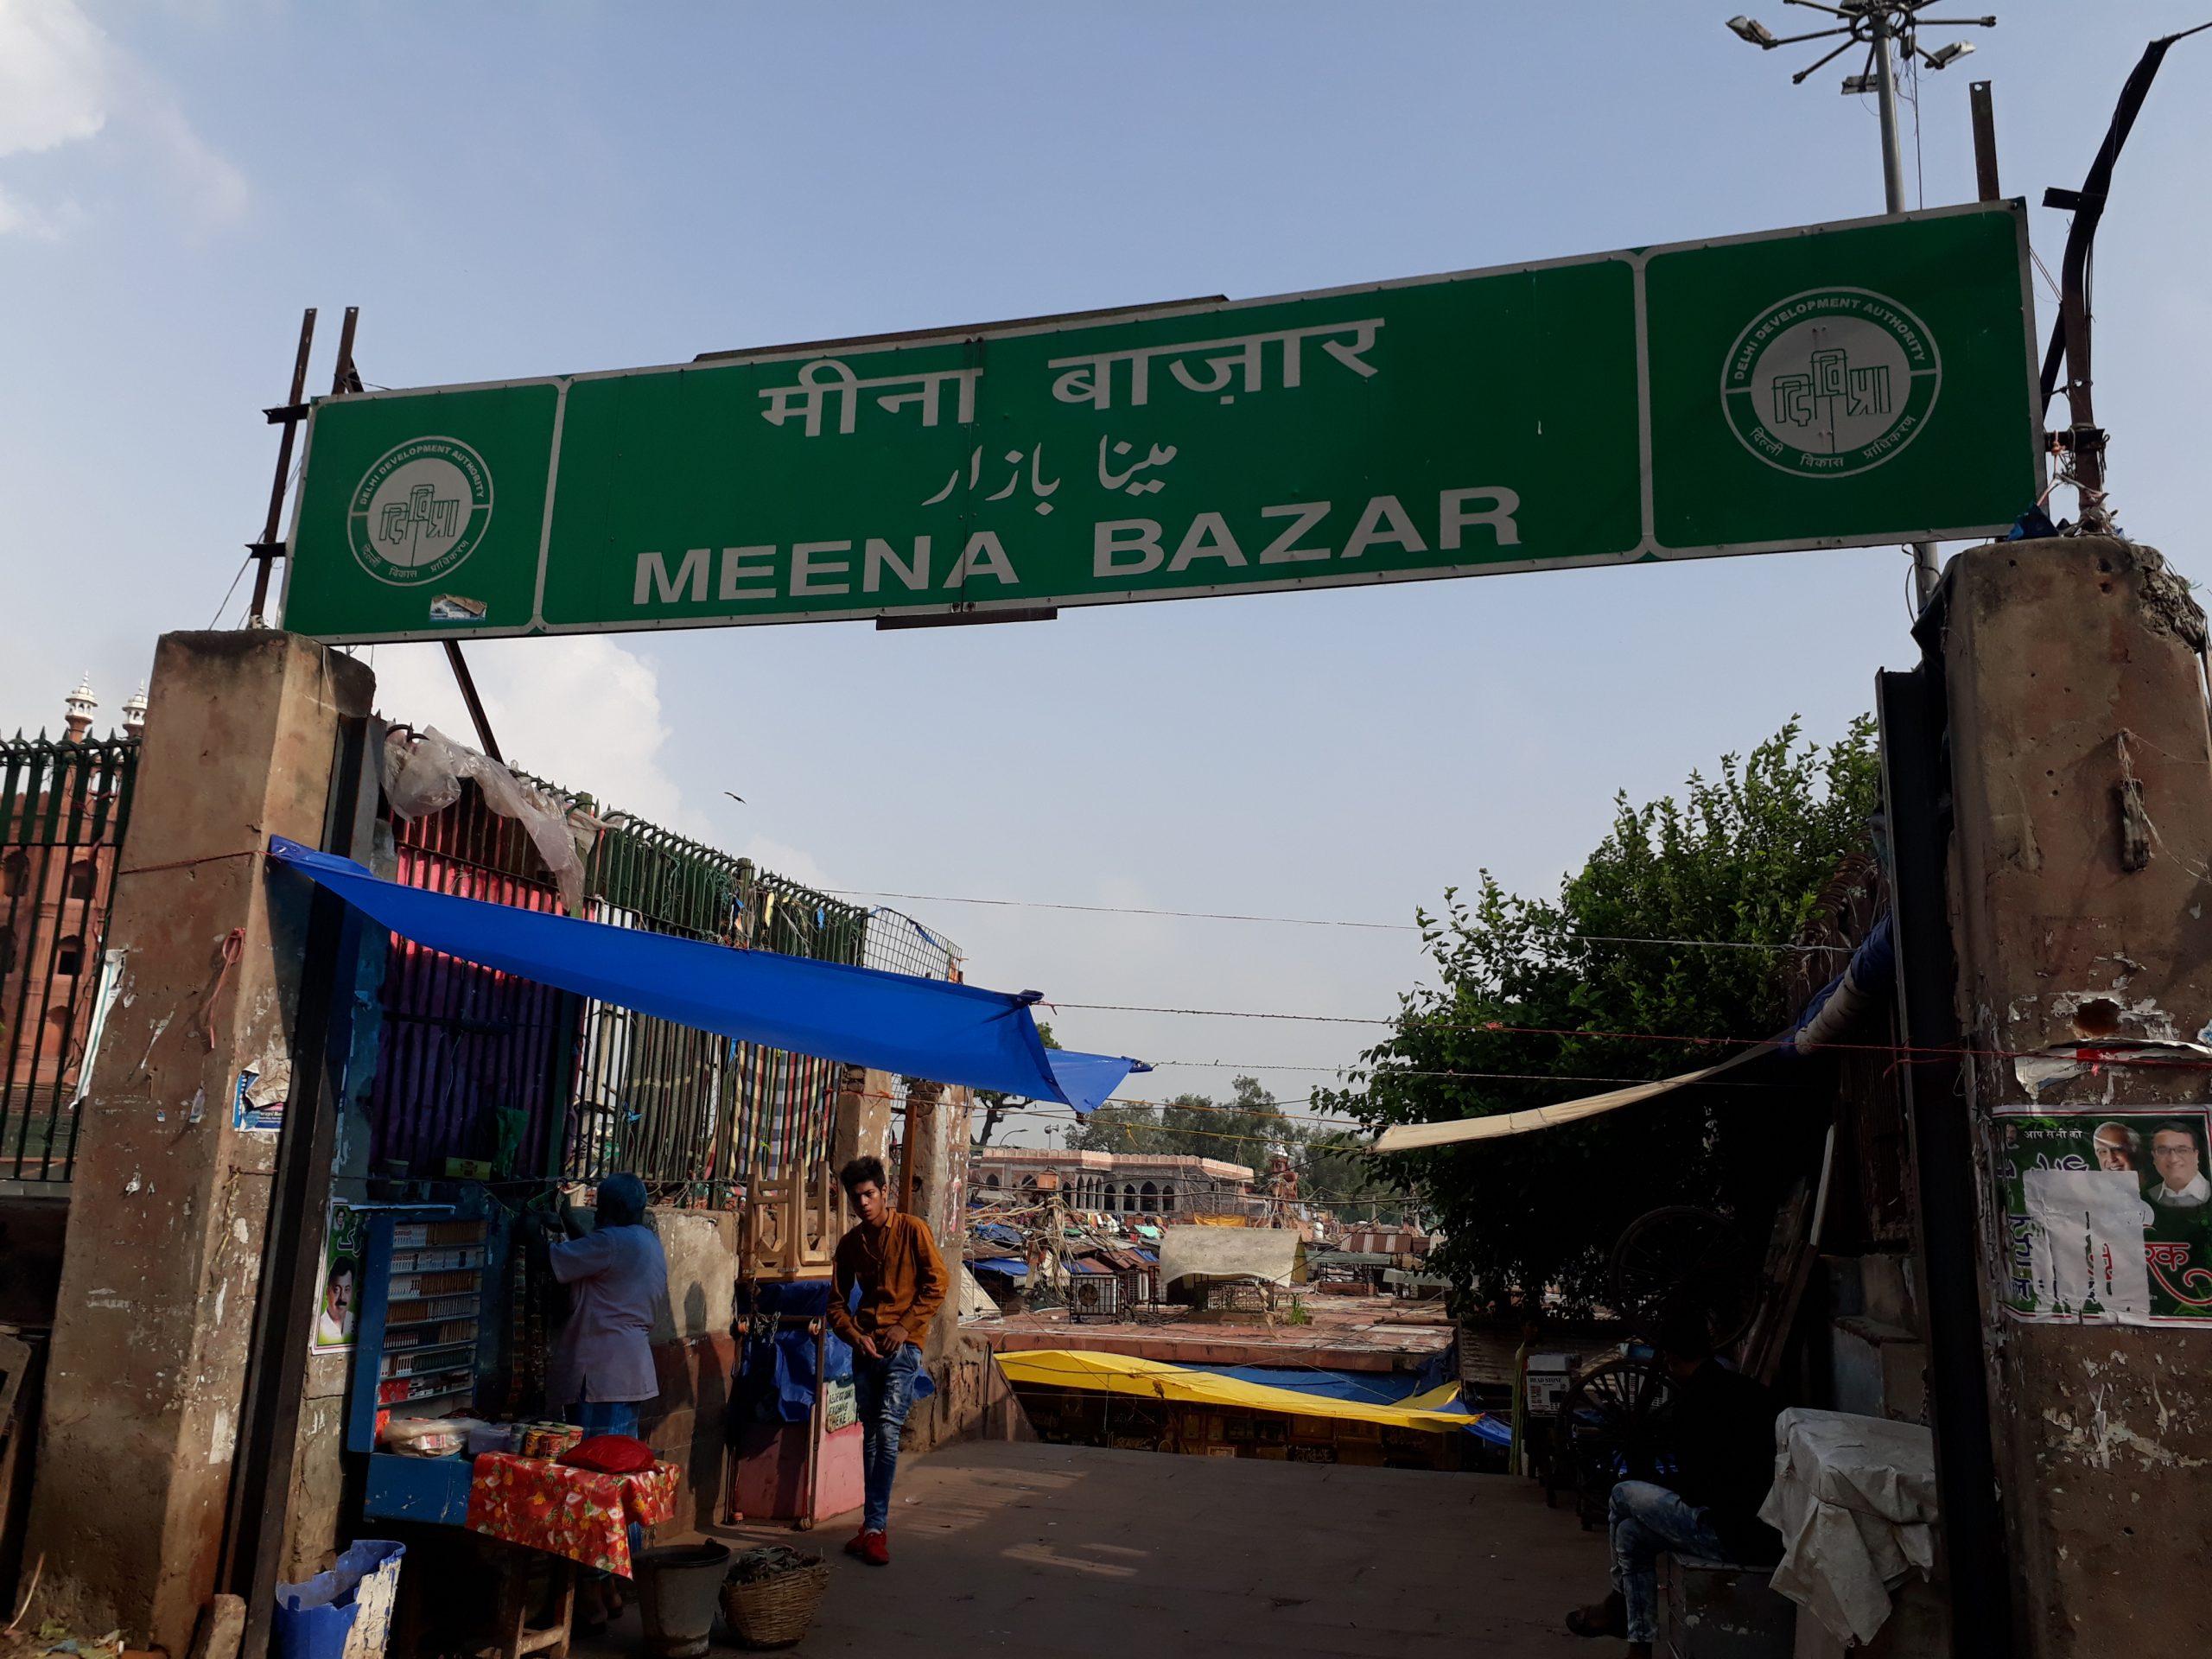 Meena Bazaar Market to Shop in Delhi